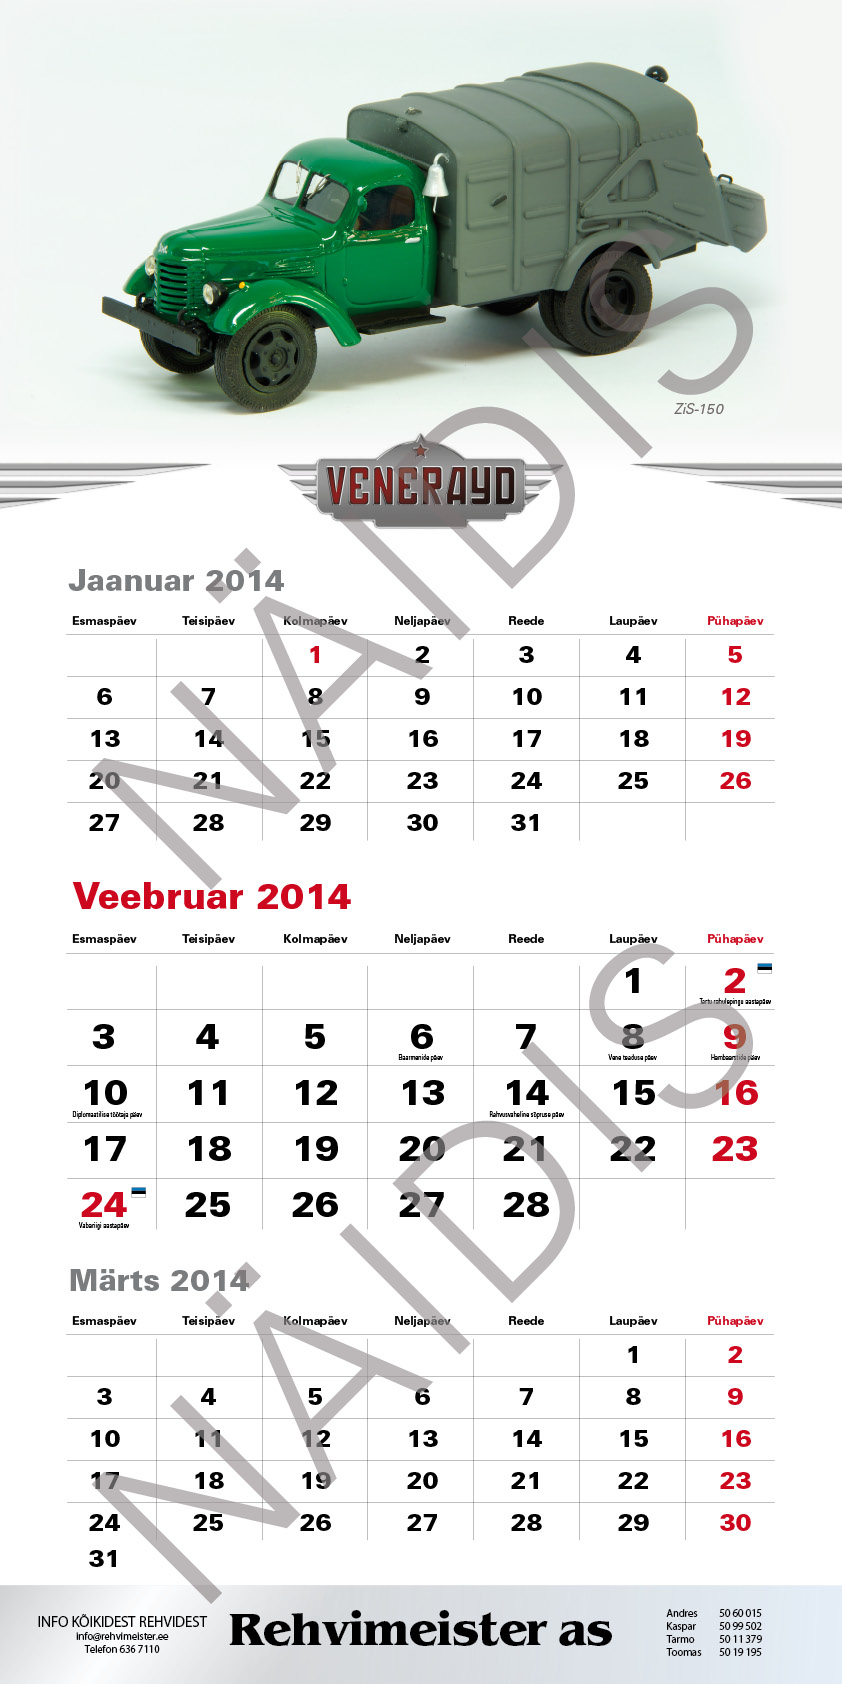 Veneraud_kalender_20143